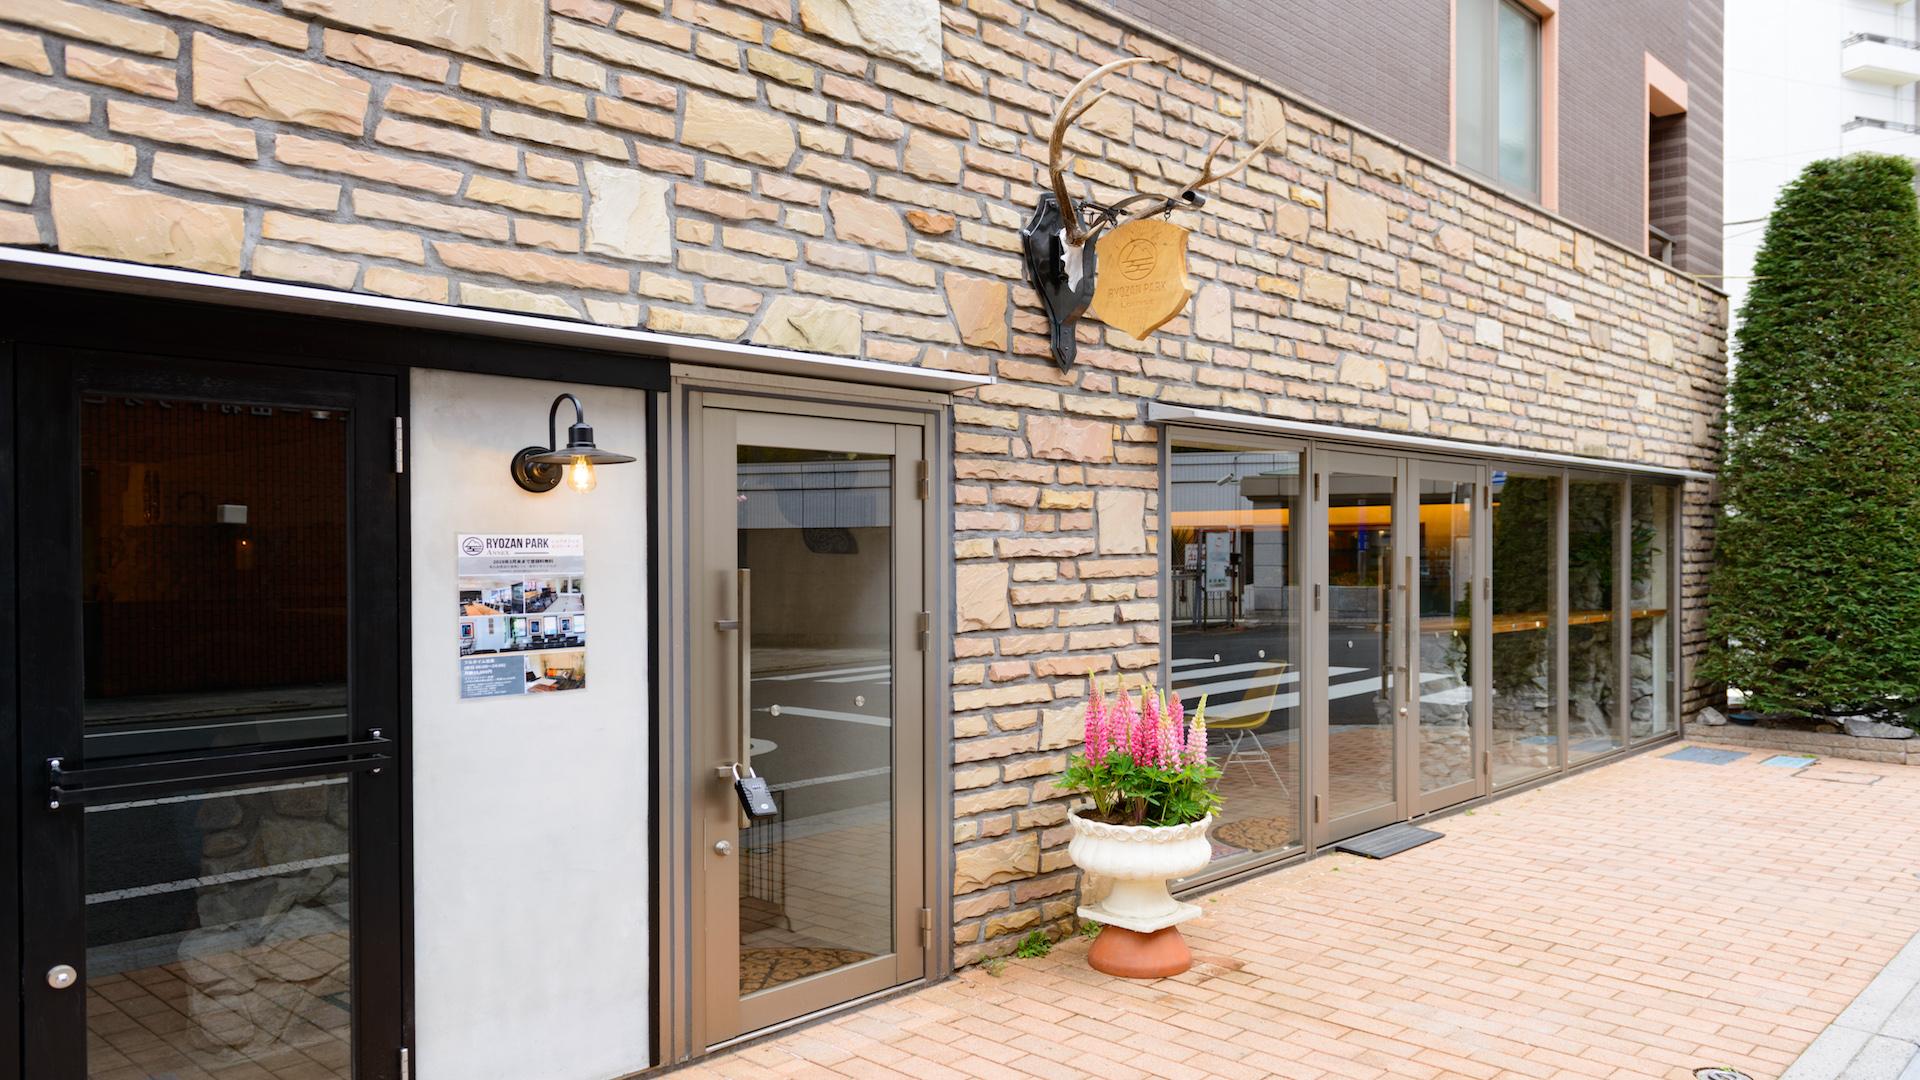 RZP Lounge Sugamo Tokyo